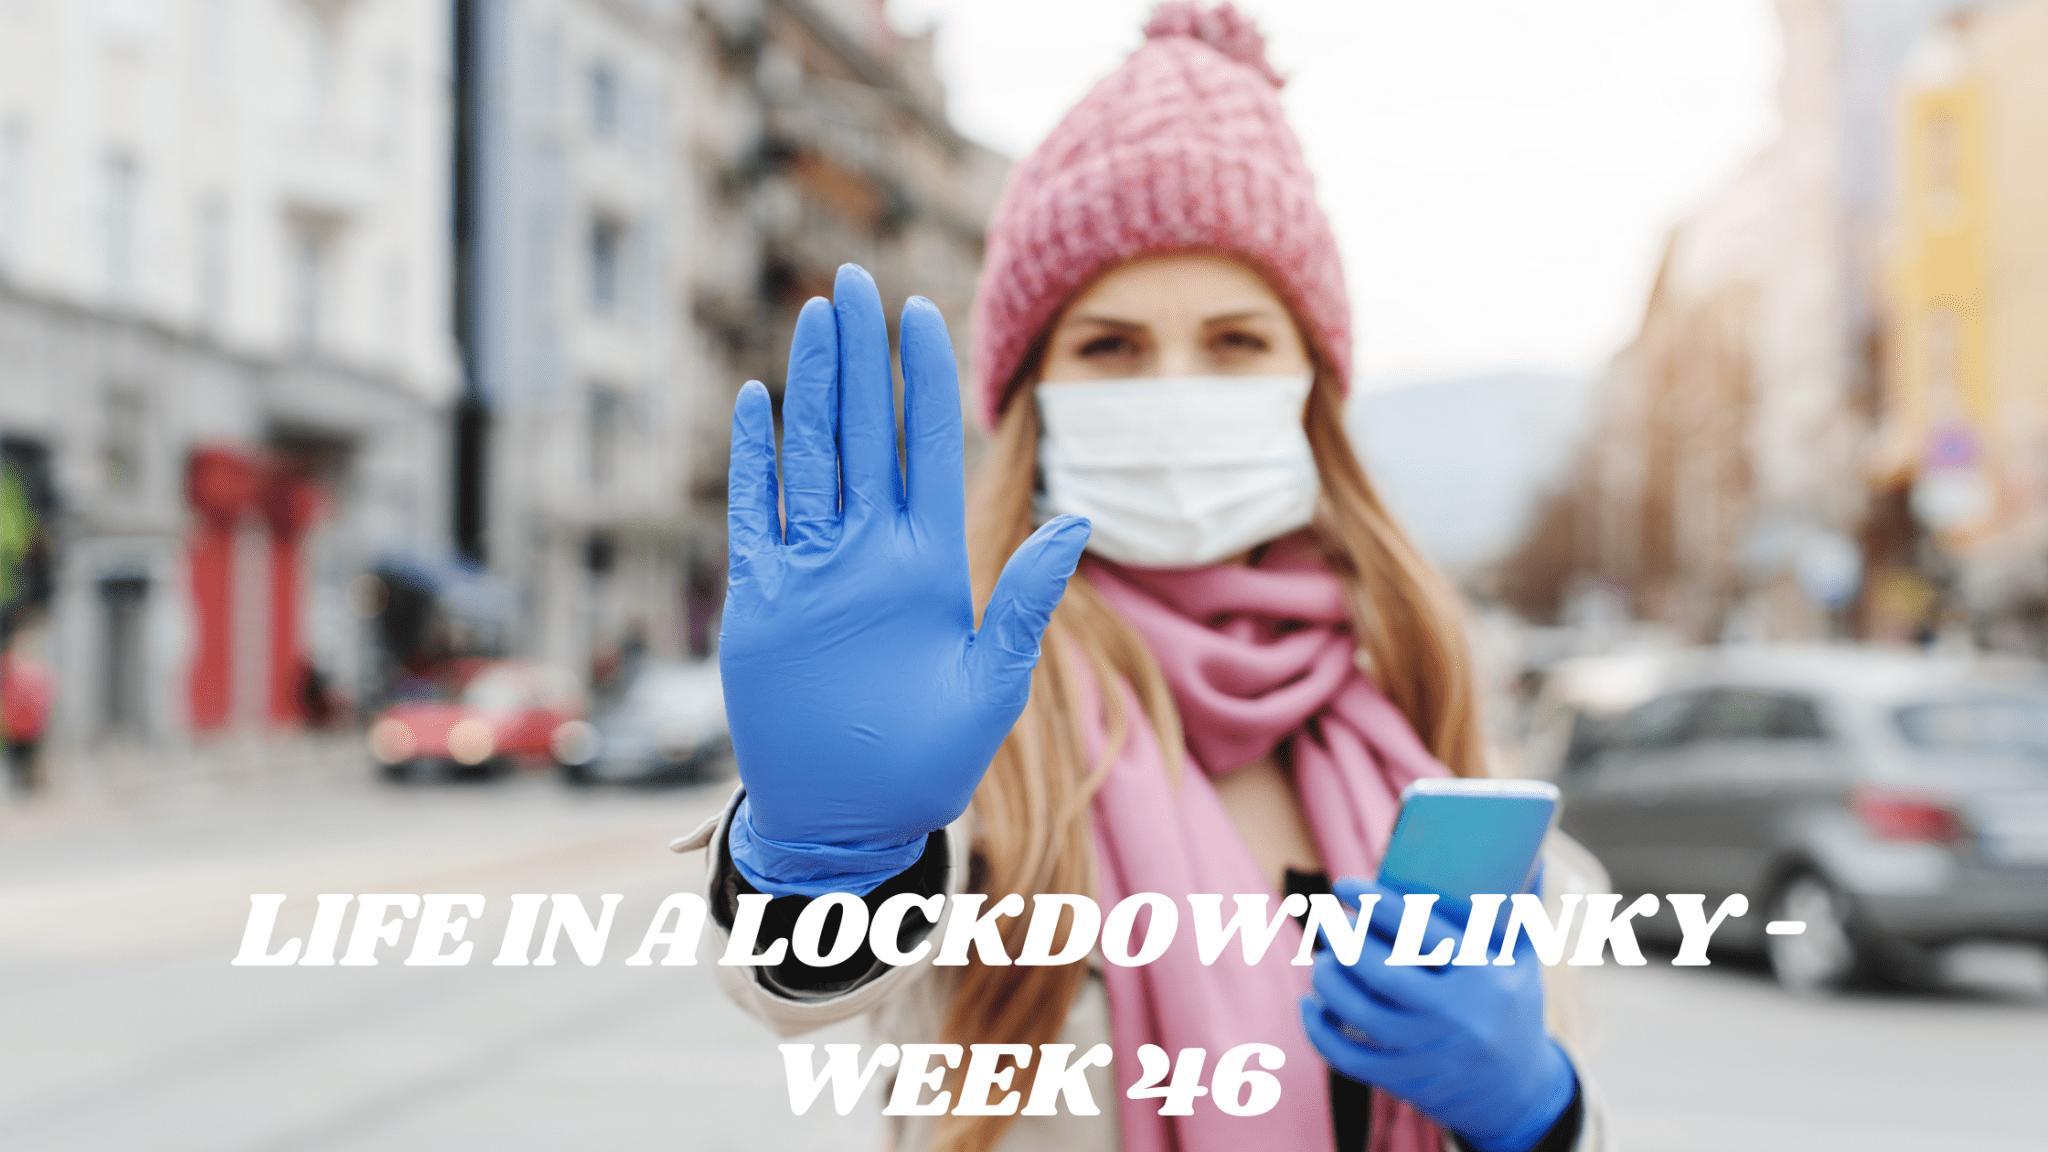 Life In A Lockdown Linky - Week 46